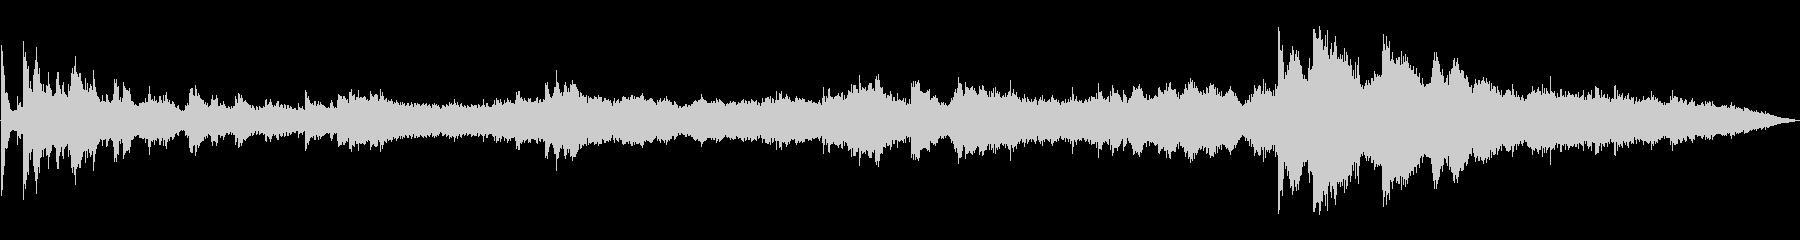 高音と低音のリンギングの未再生の波形